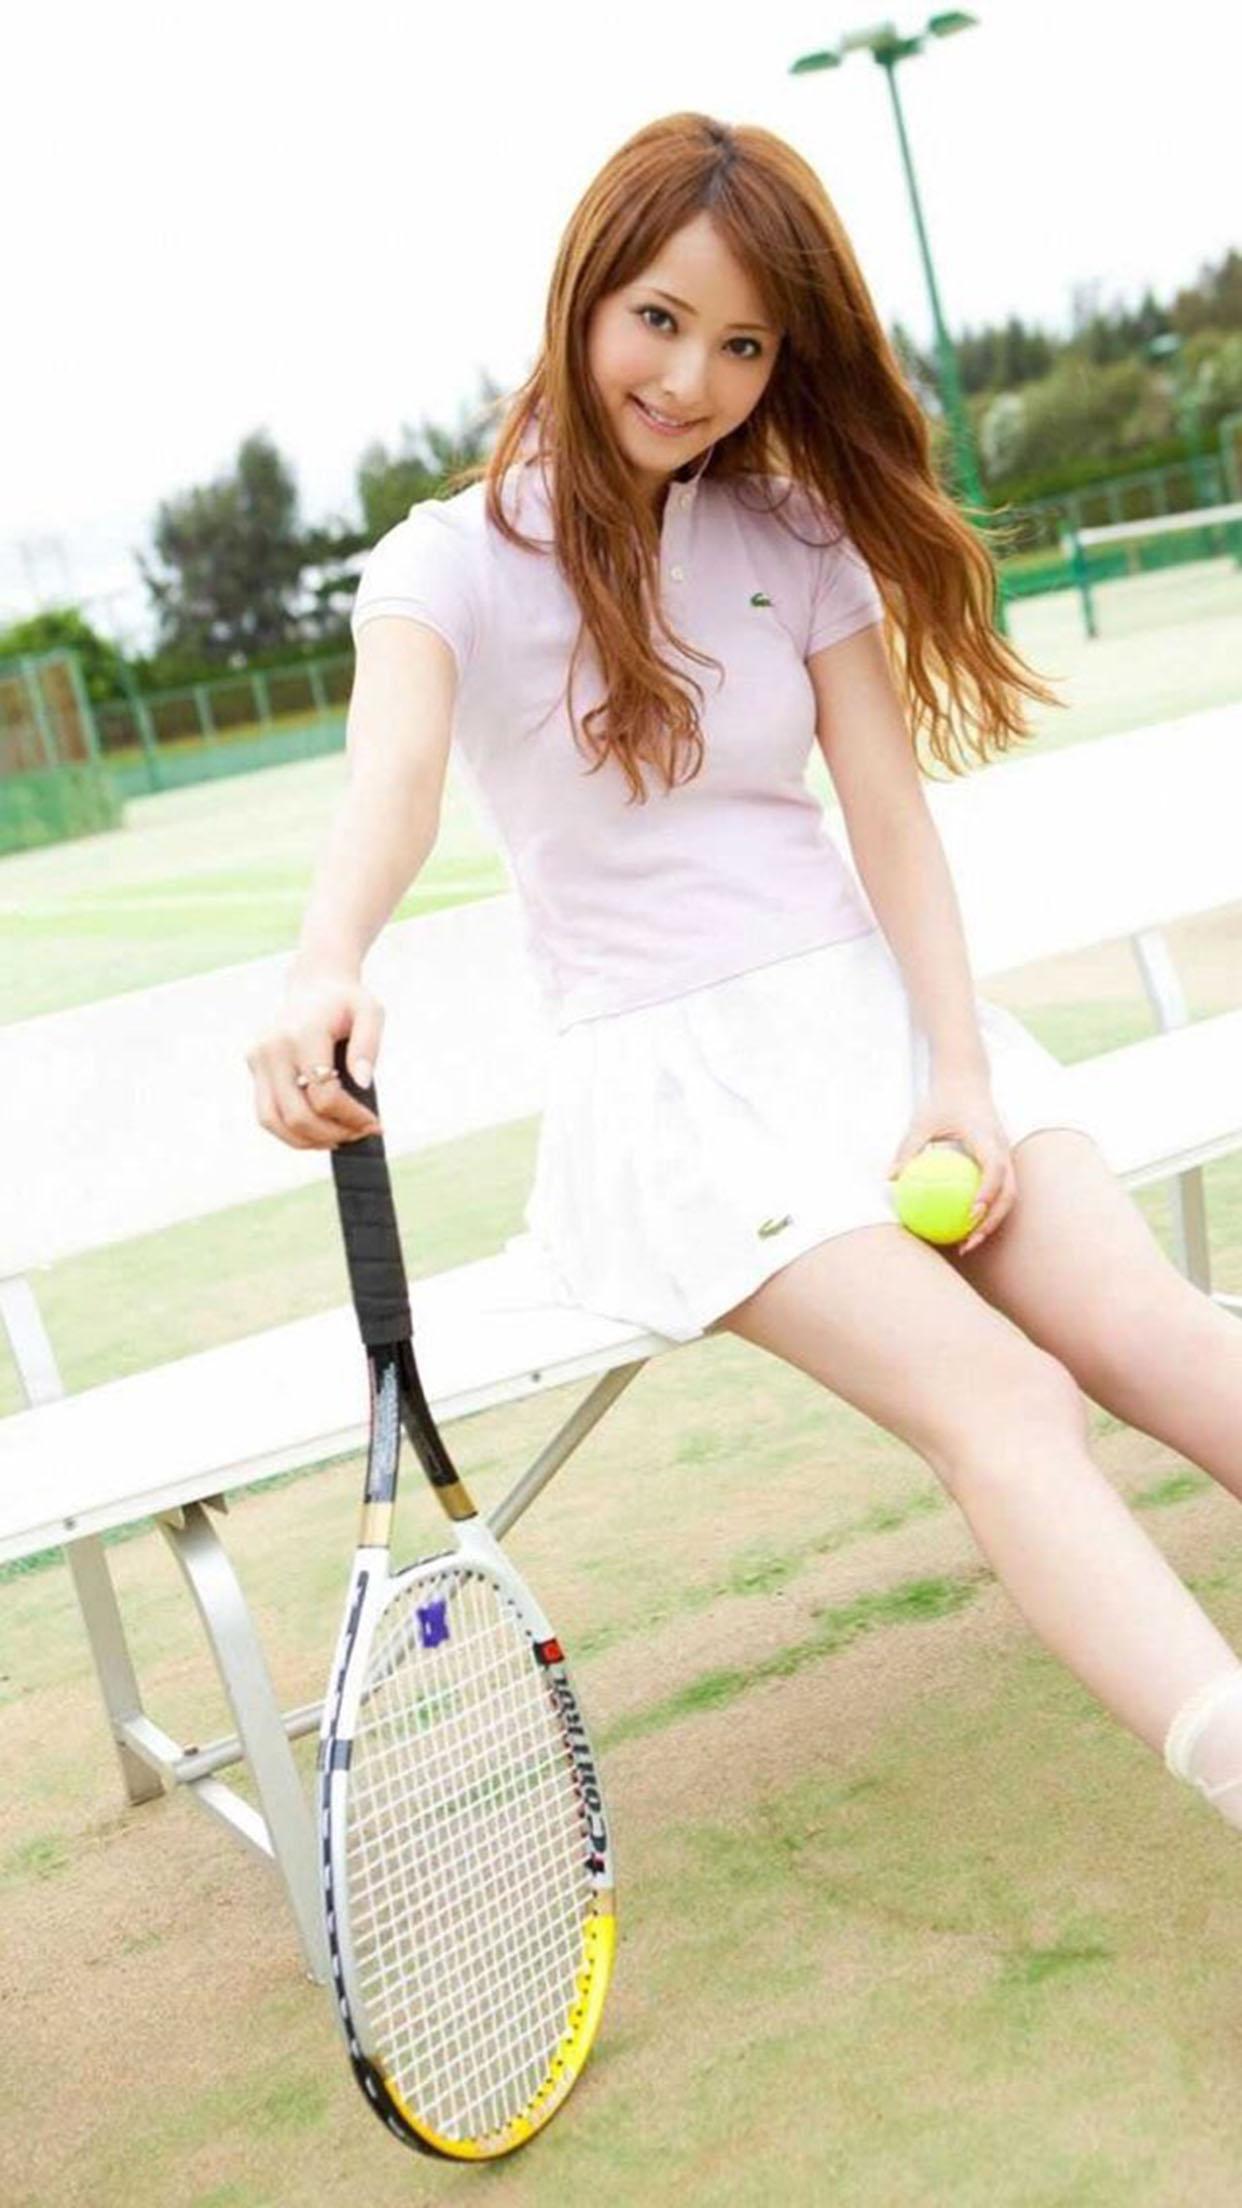 Tennis Tennis gamer 3Wallpapers iPhone Parallax Tennis gamer